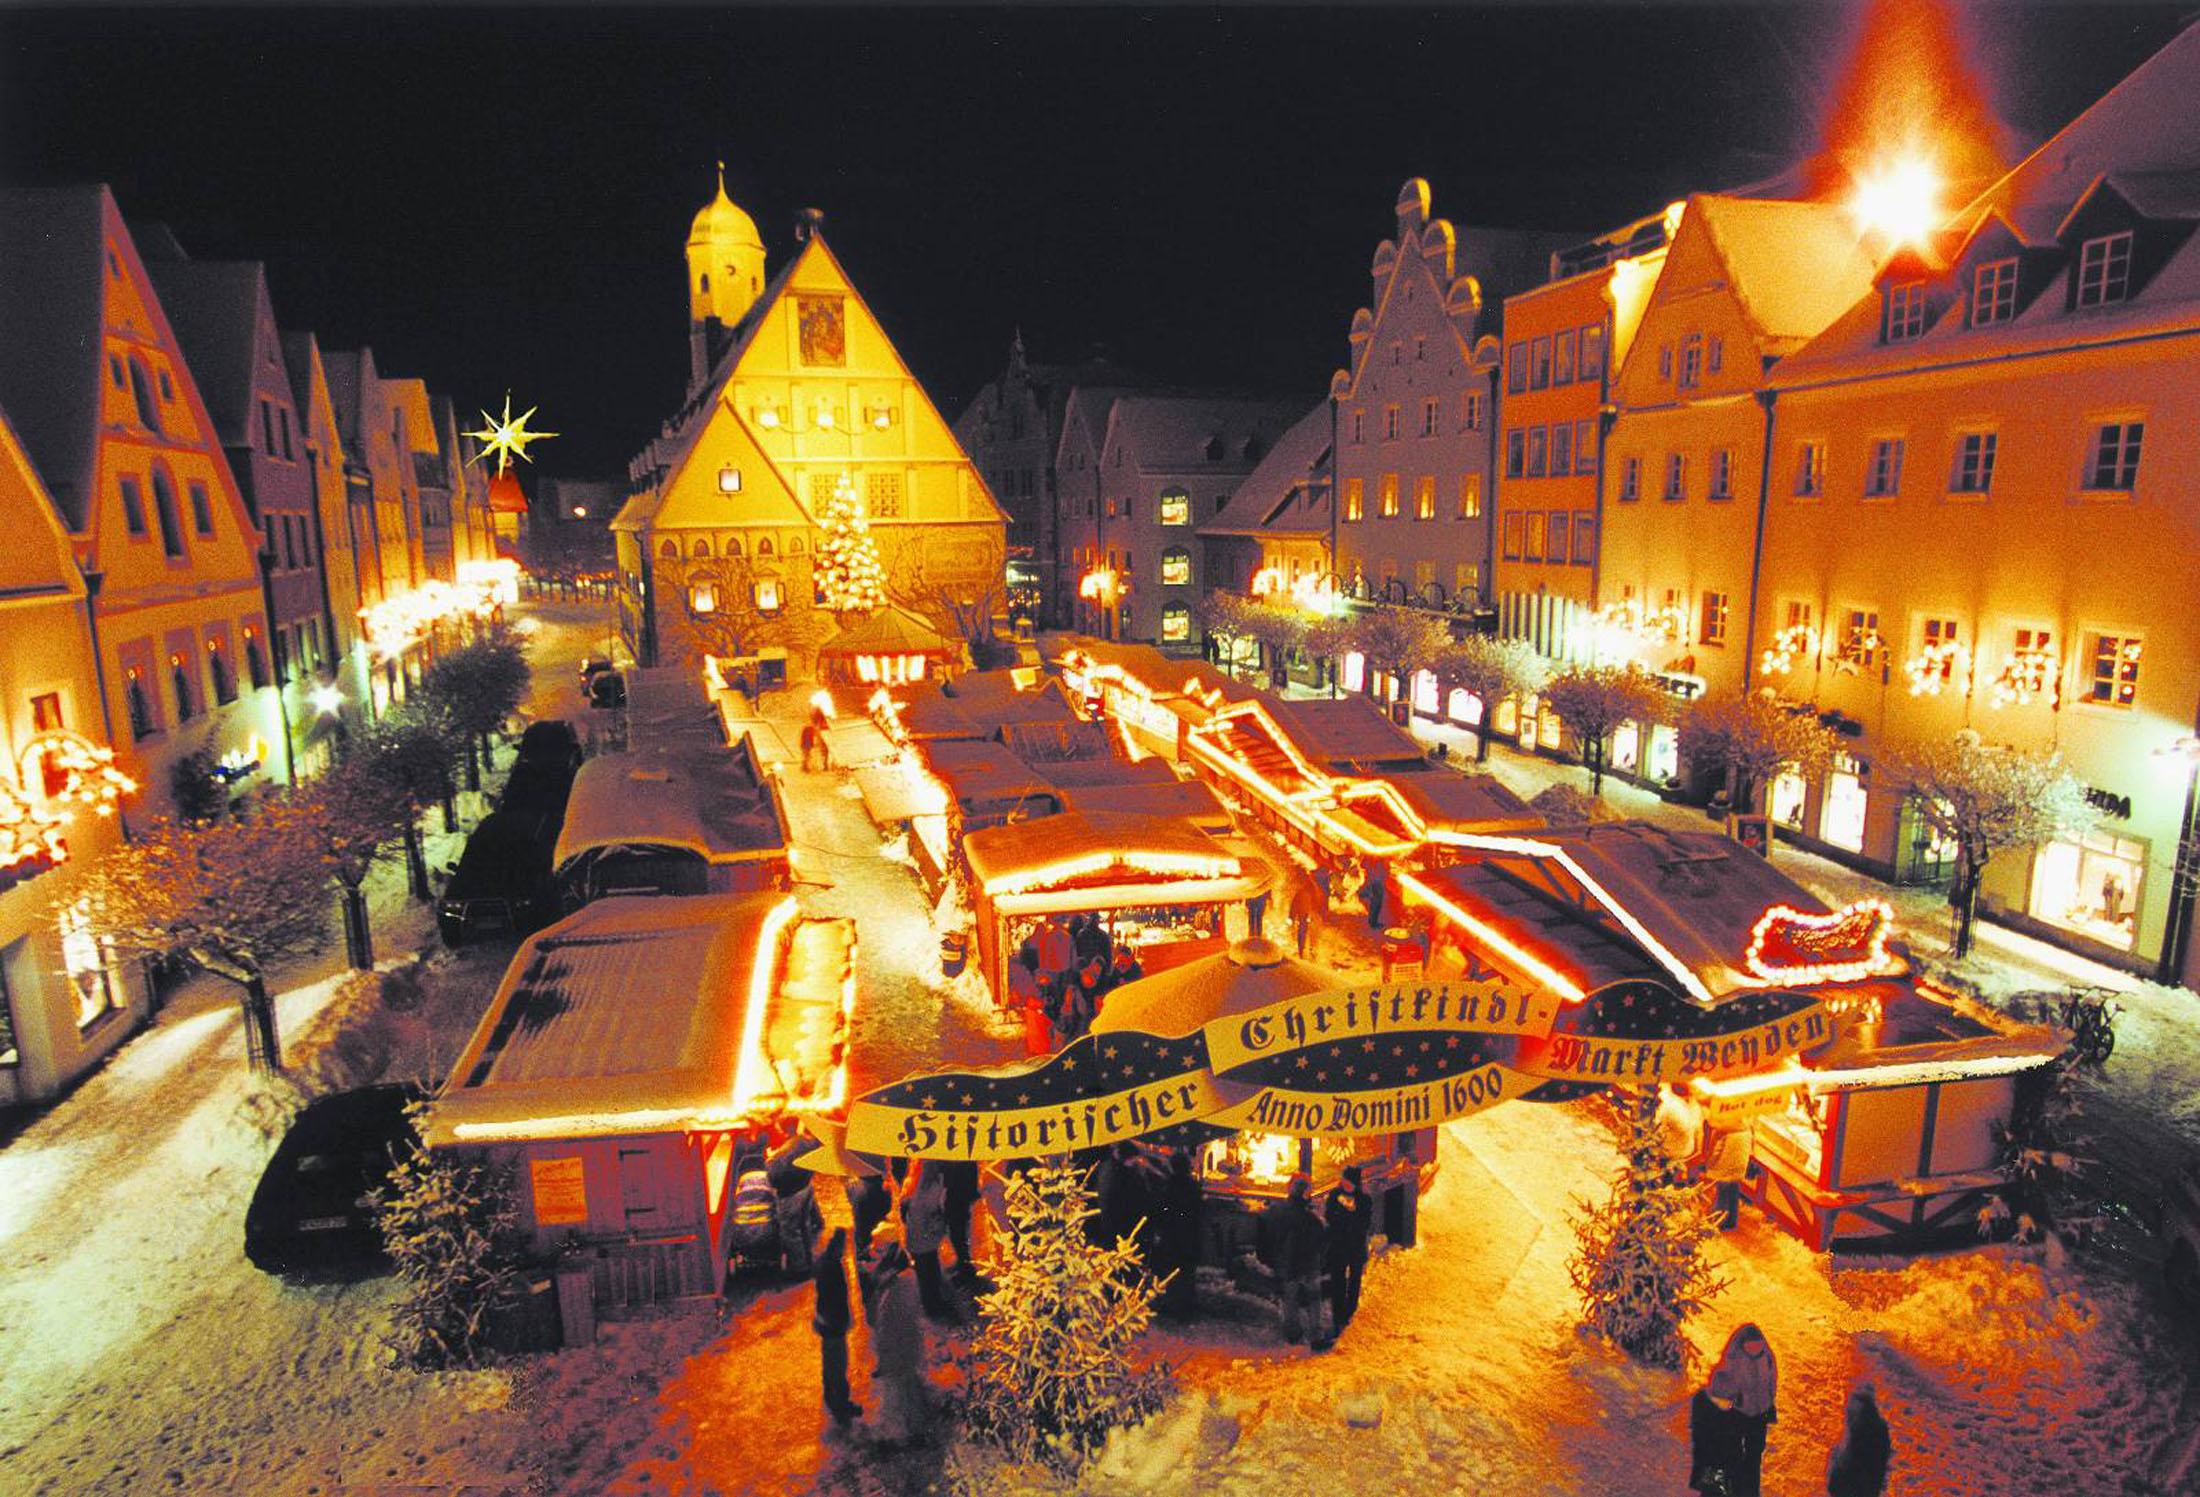 Christmas Market Weiden - Historischer Christkindlmarkt in Weiden